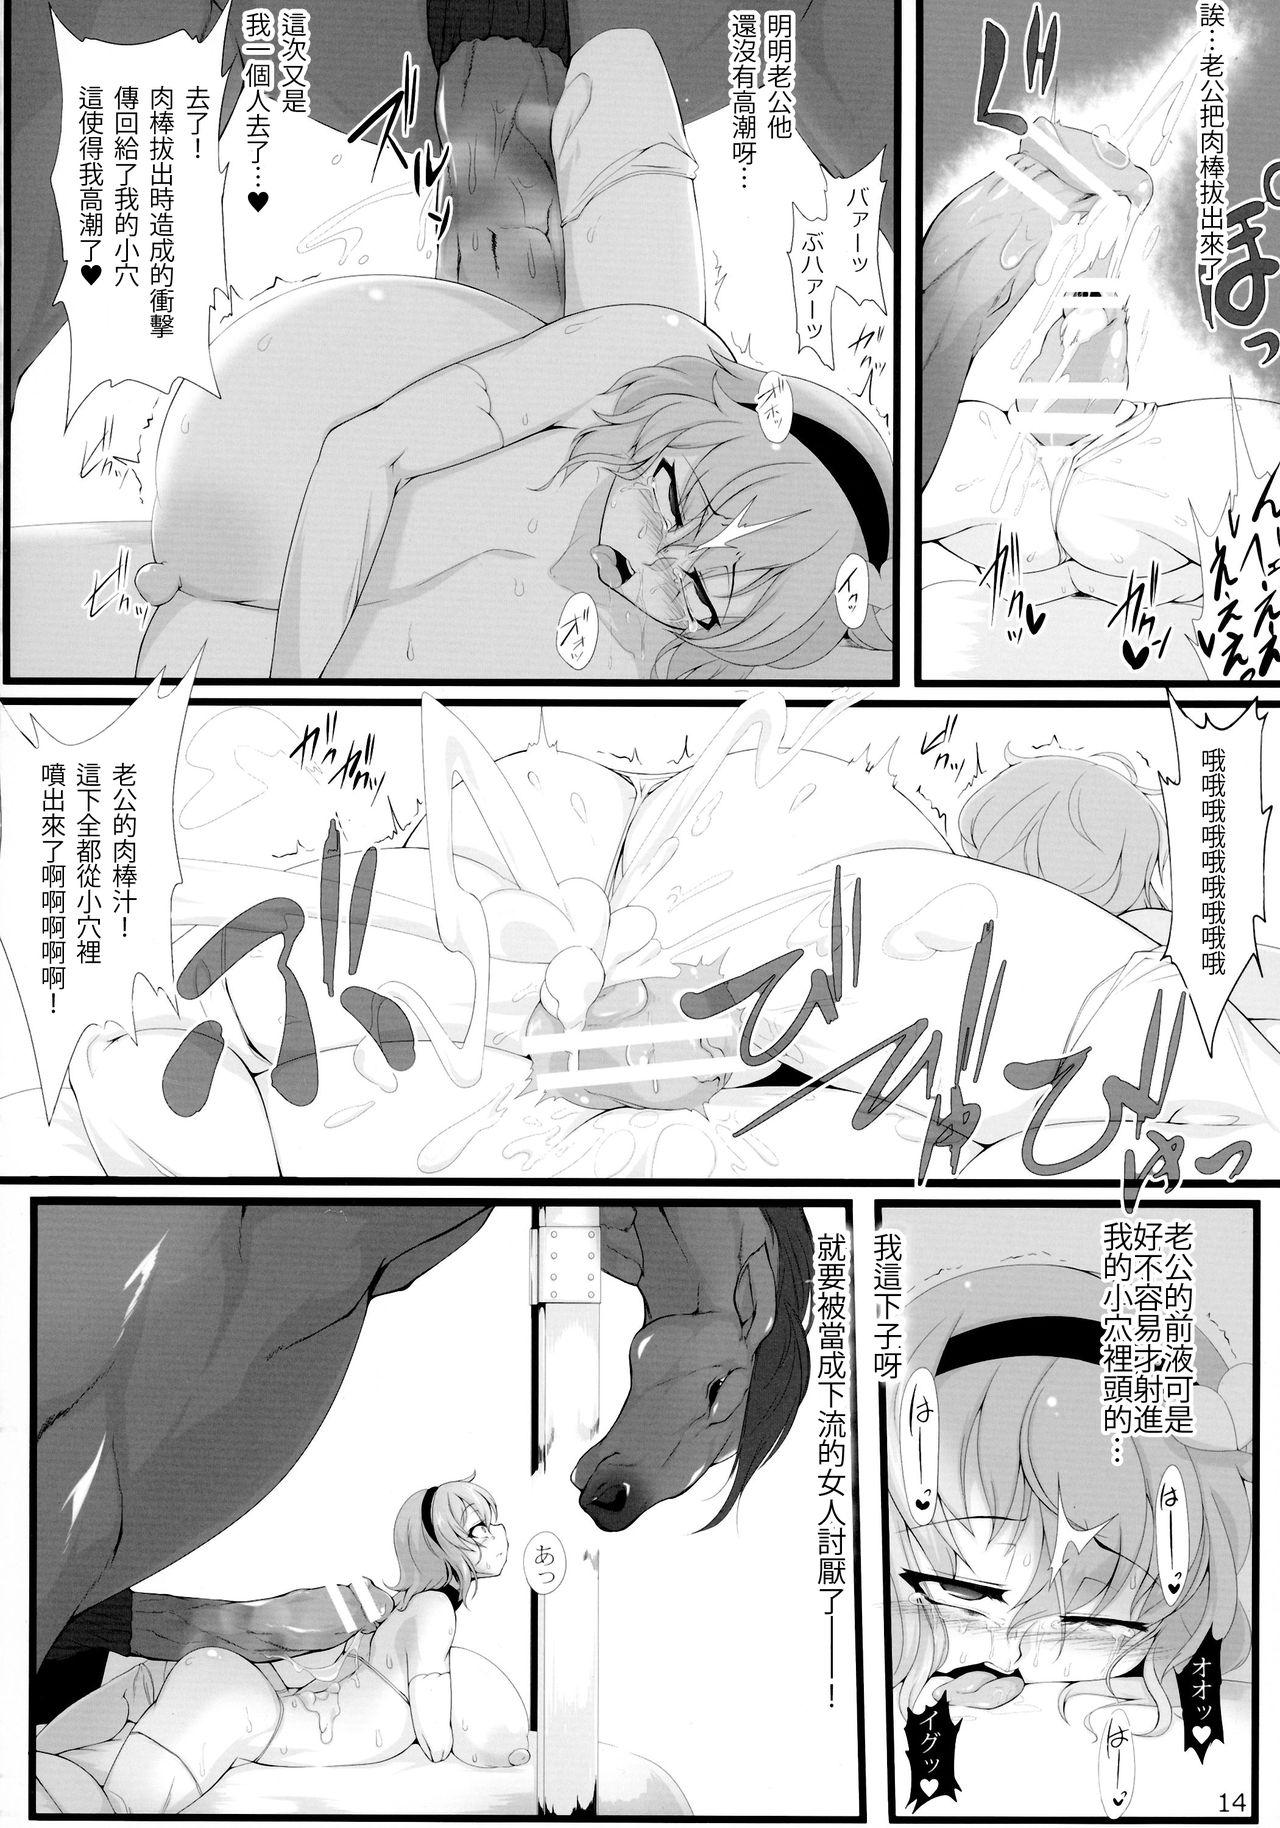 Watashi no Itoshino Danna-sama | 我心爱的丈夫 14